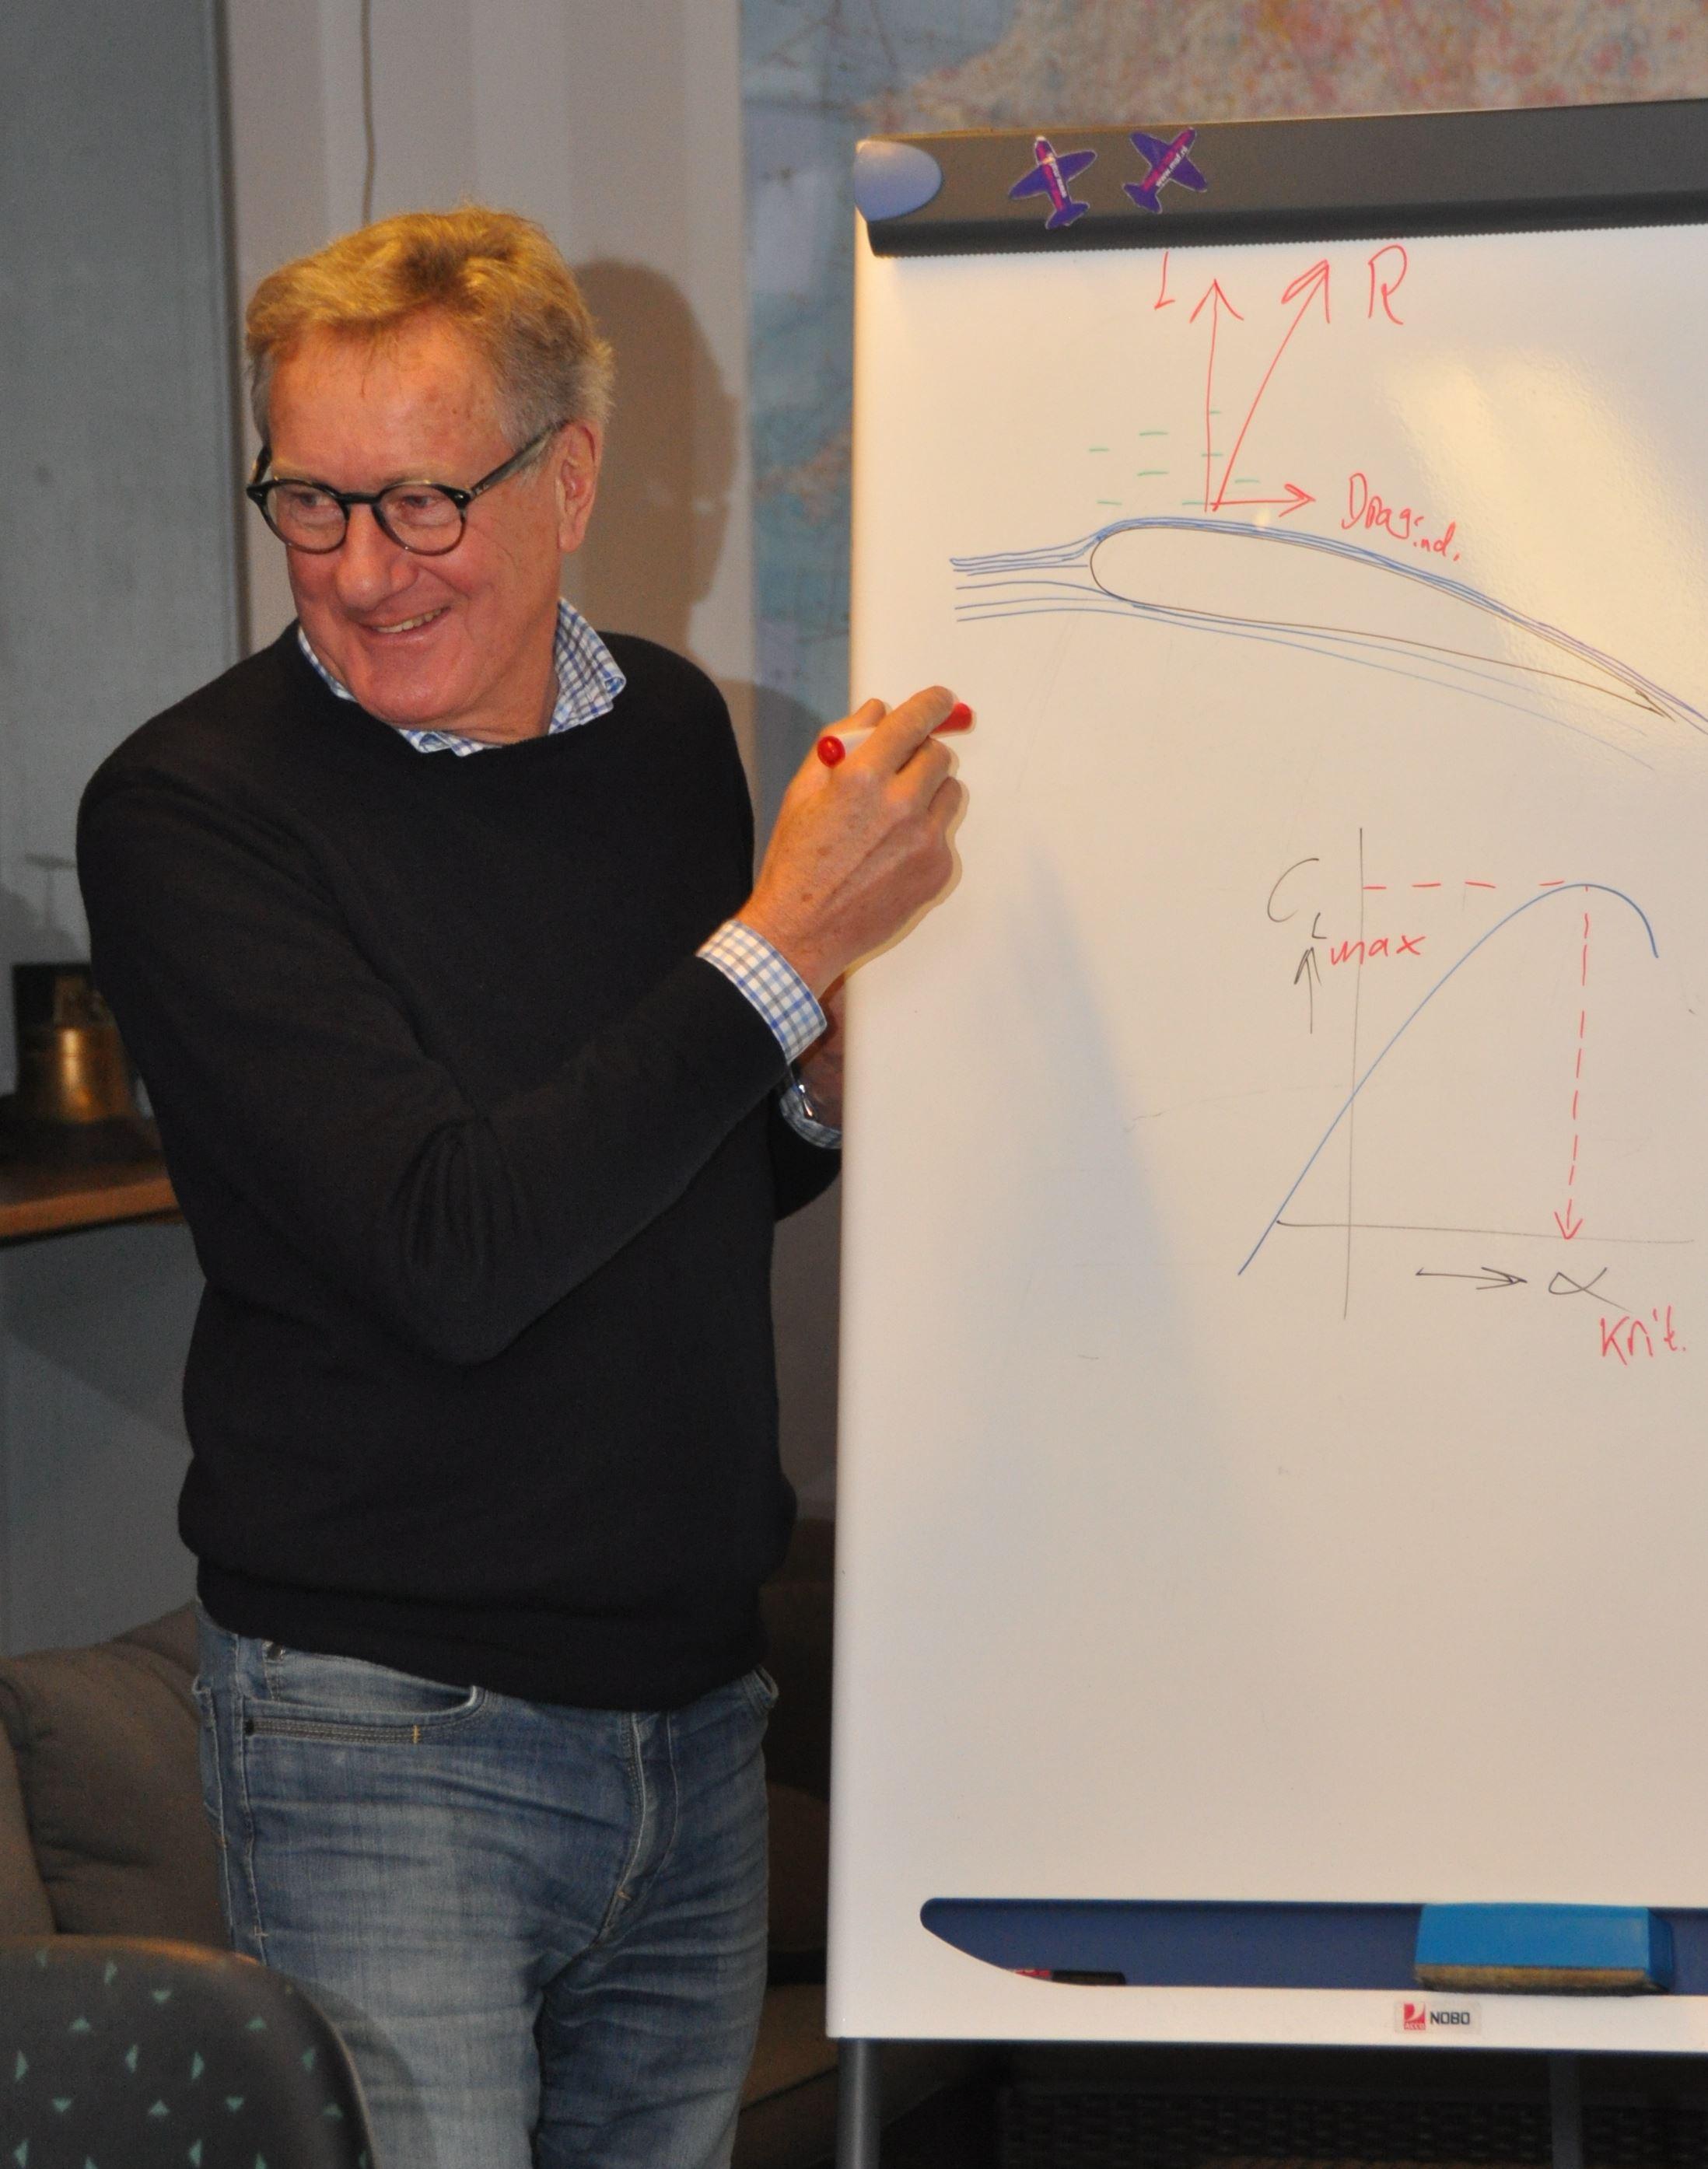 Rene Schel Theorieopleiding